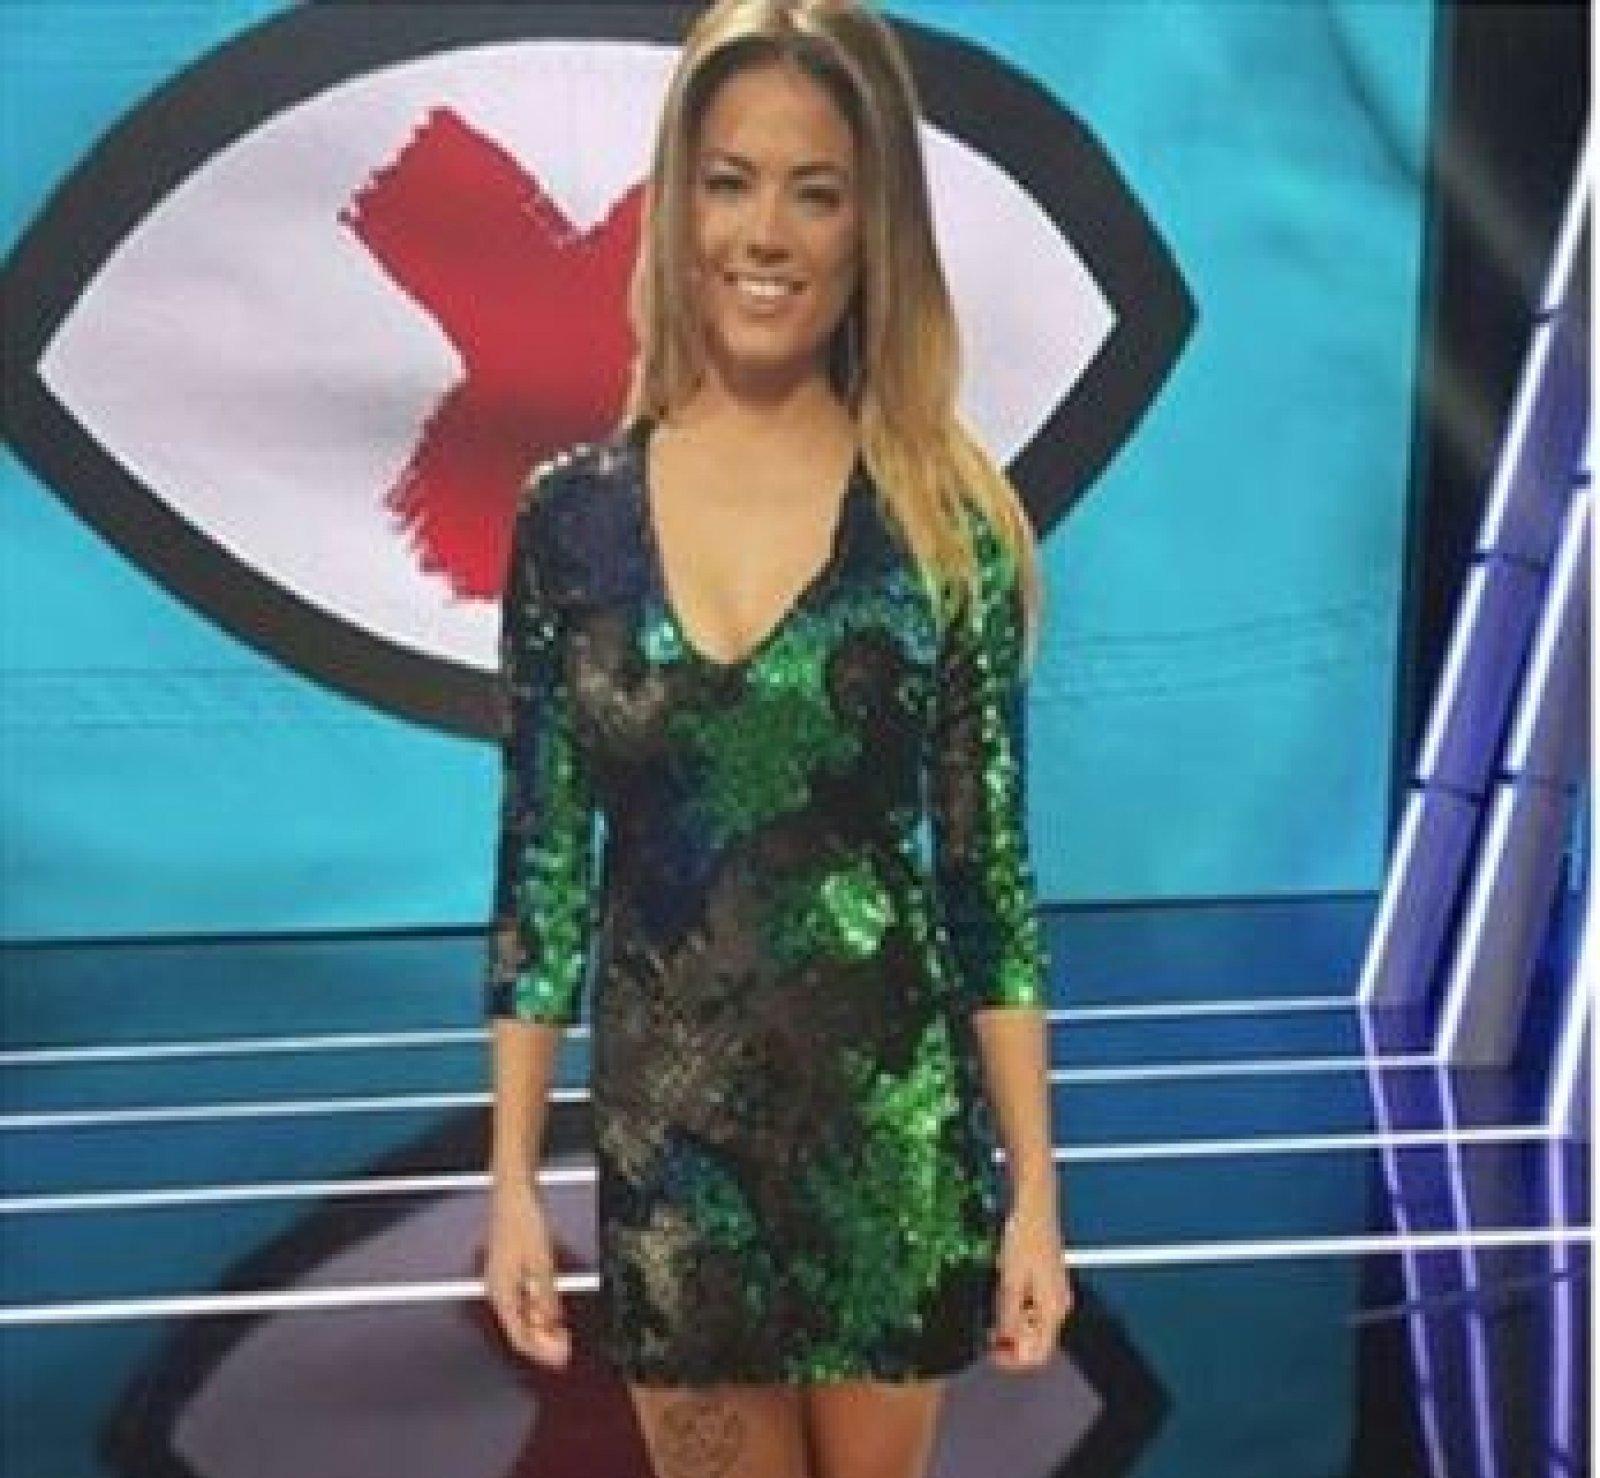 Alyson Eckmann con el vestido de lentejuelas de Zara en el debate de 'GH Revolution'